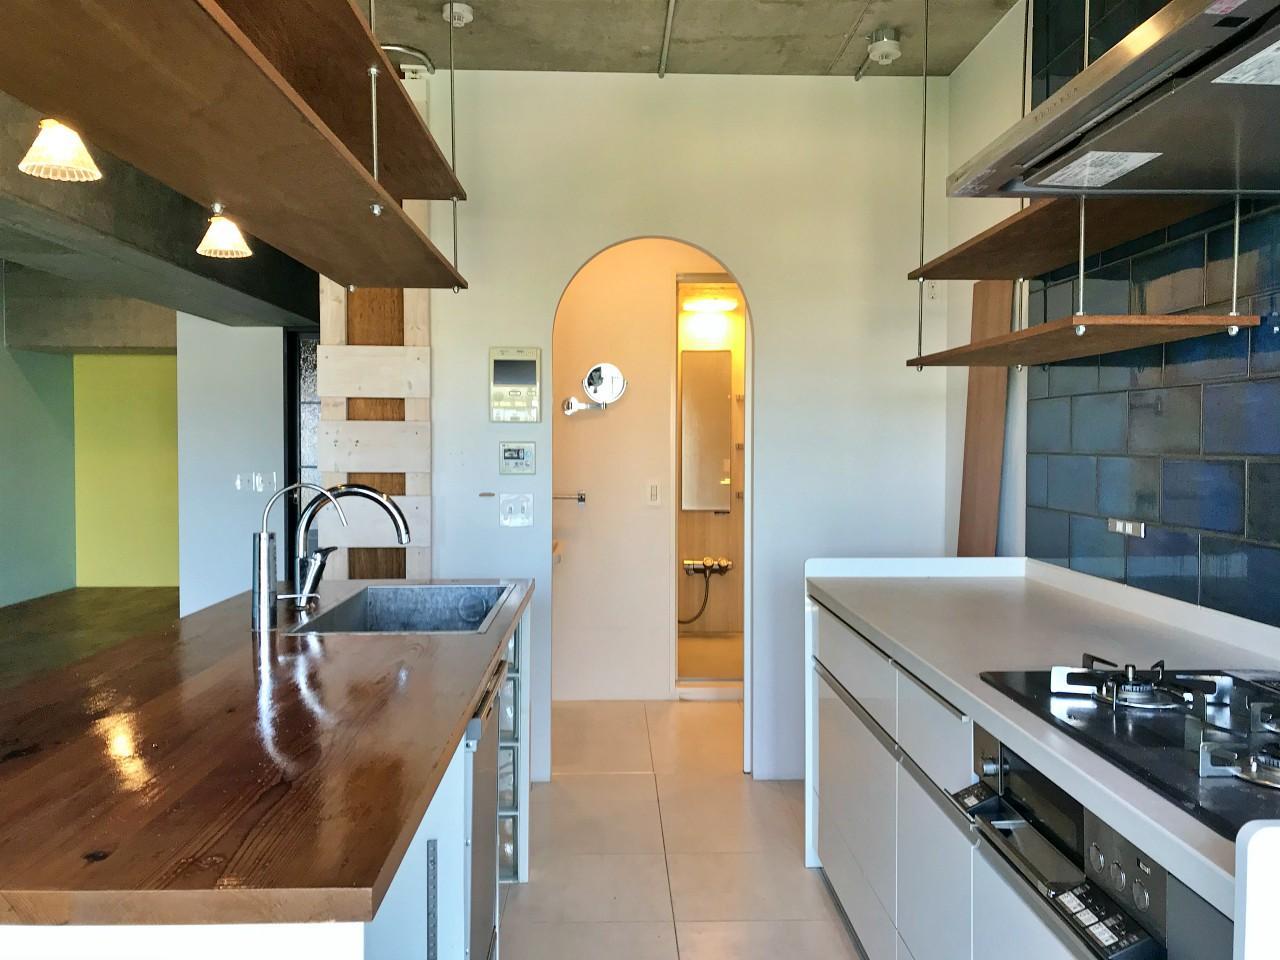 アーチ型の開口の先が洗面室と浴室